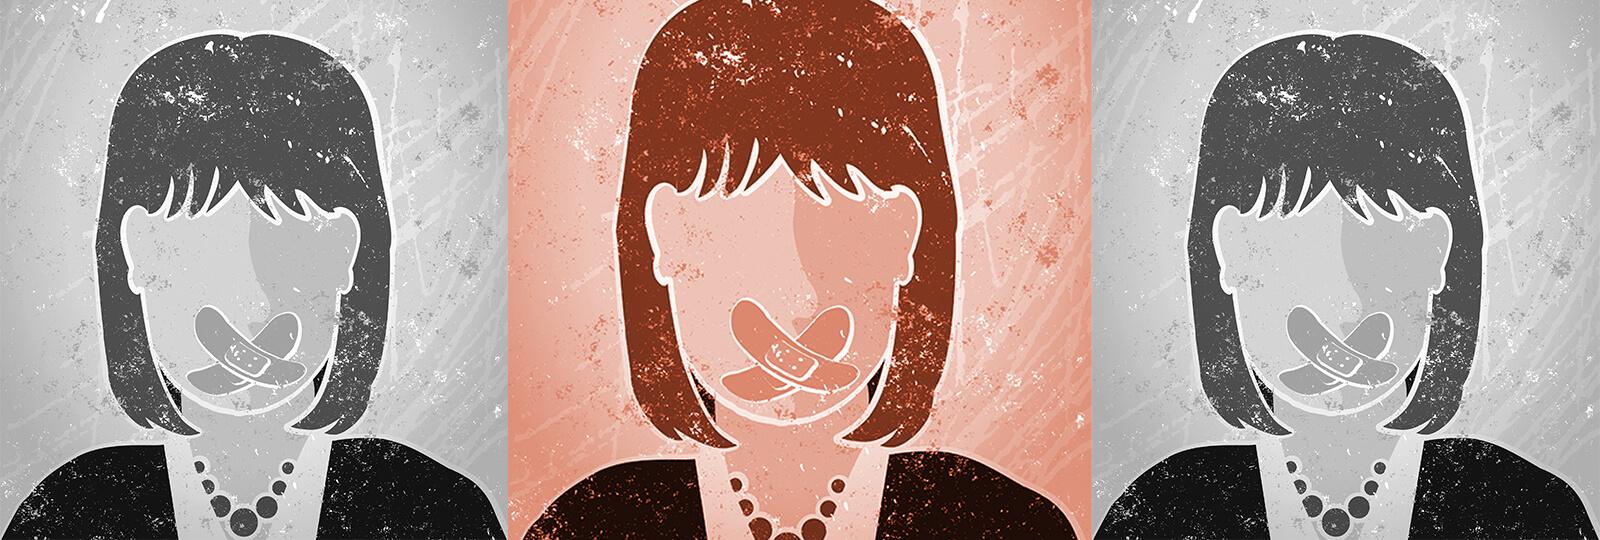 Dear Women, It's Time We Stop Self-Silencing